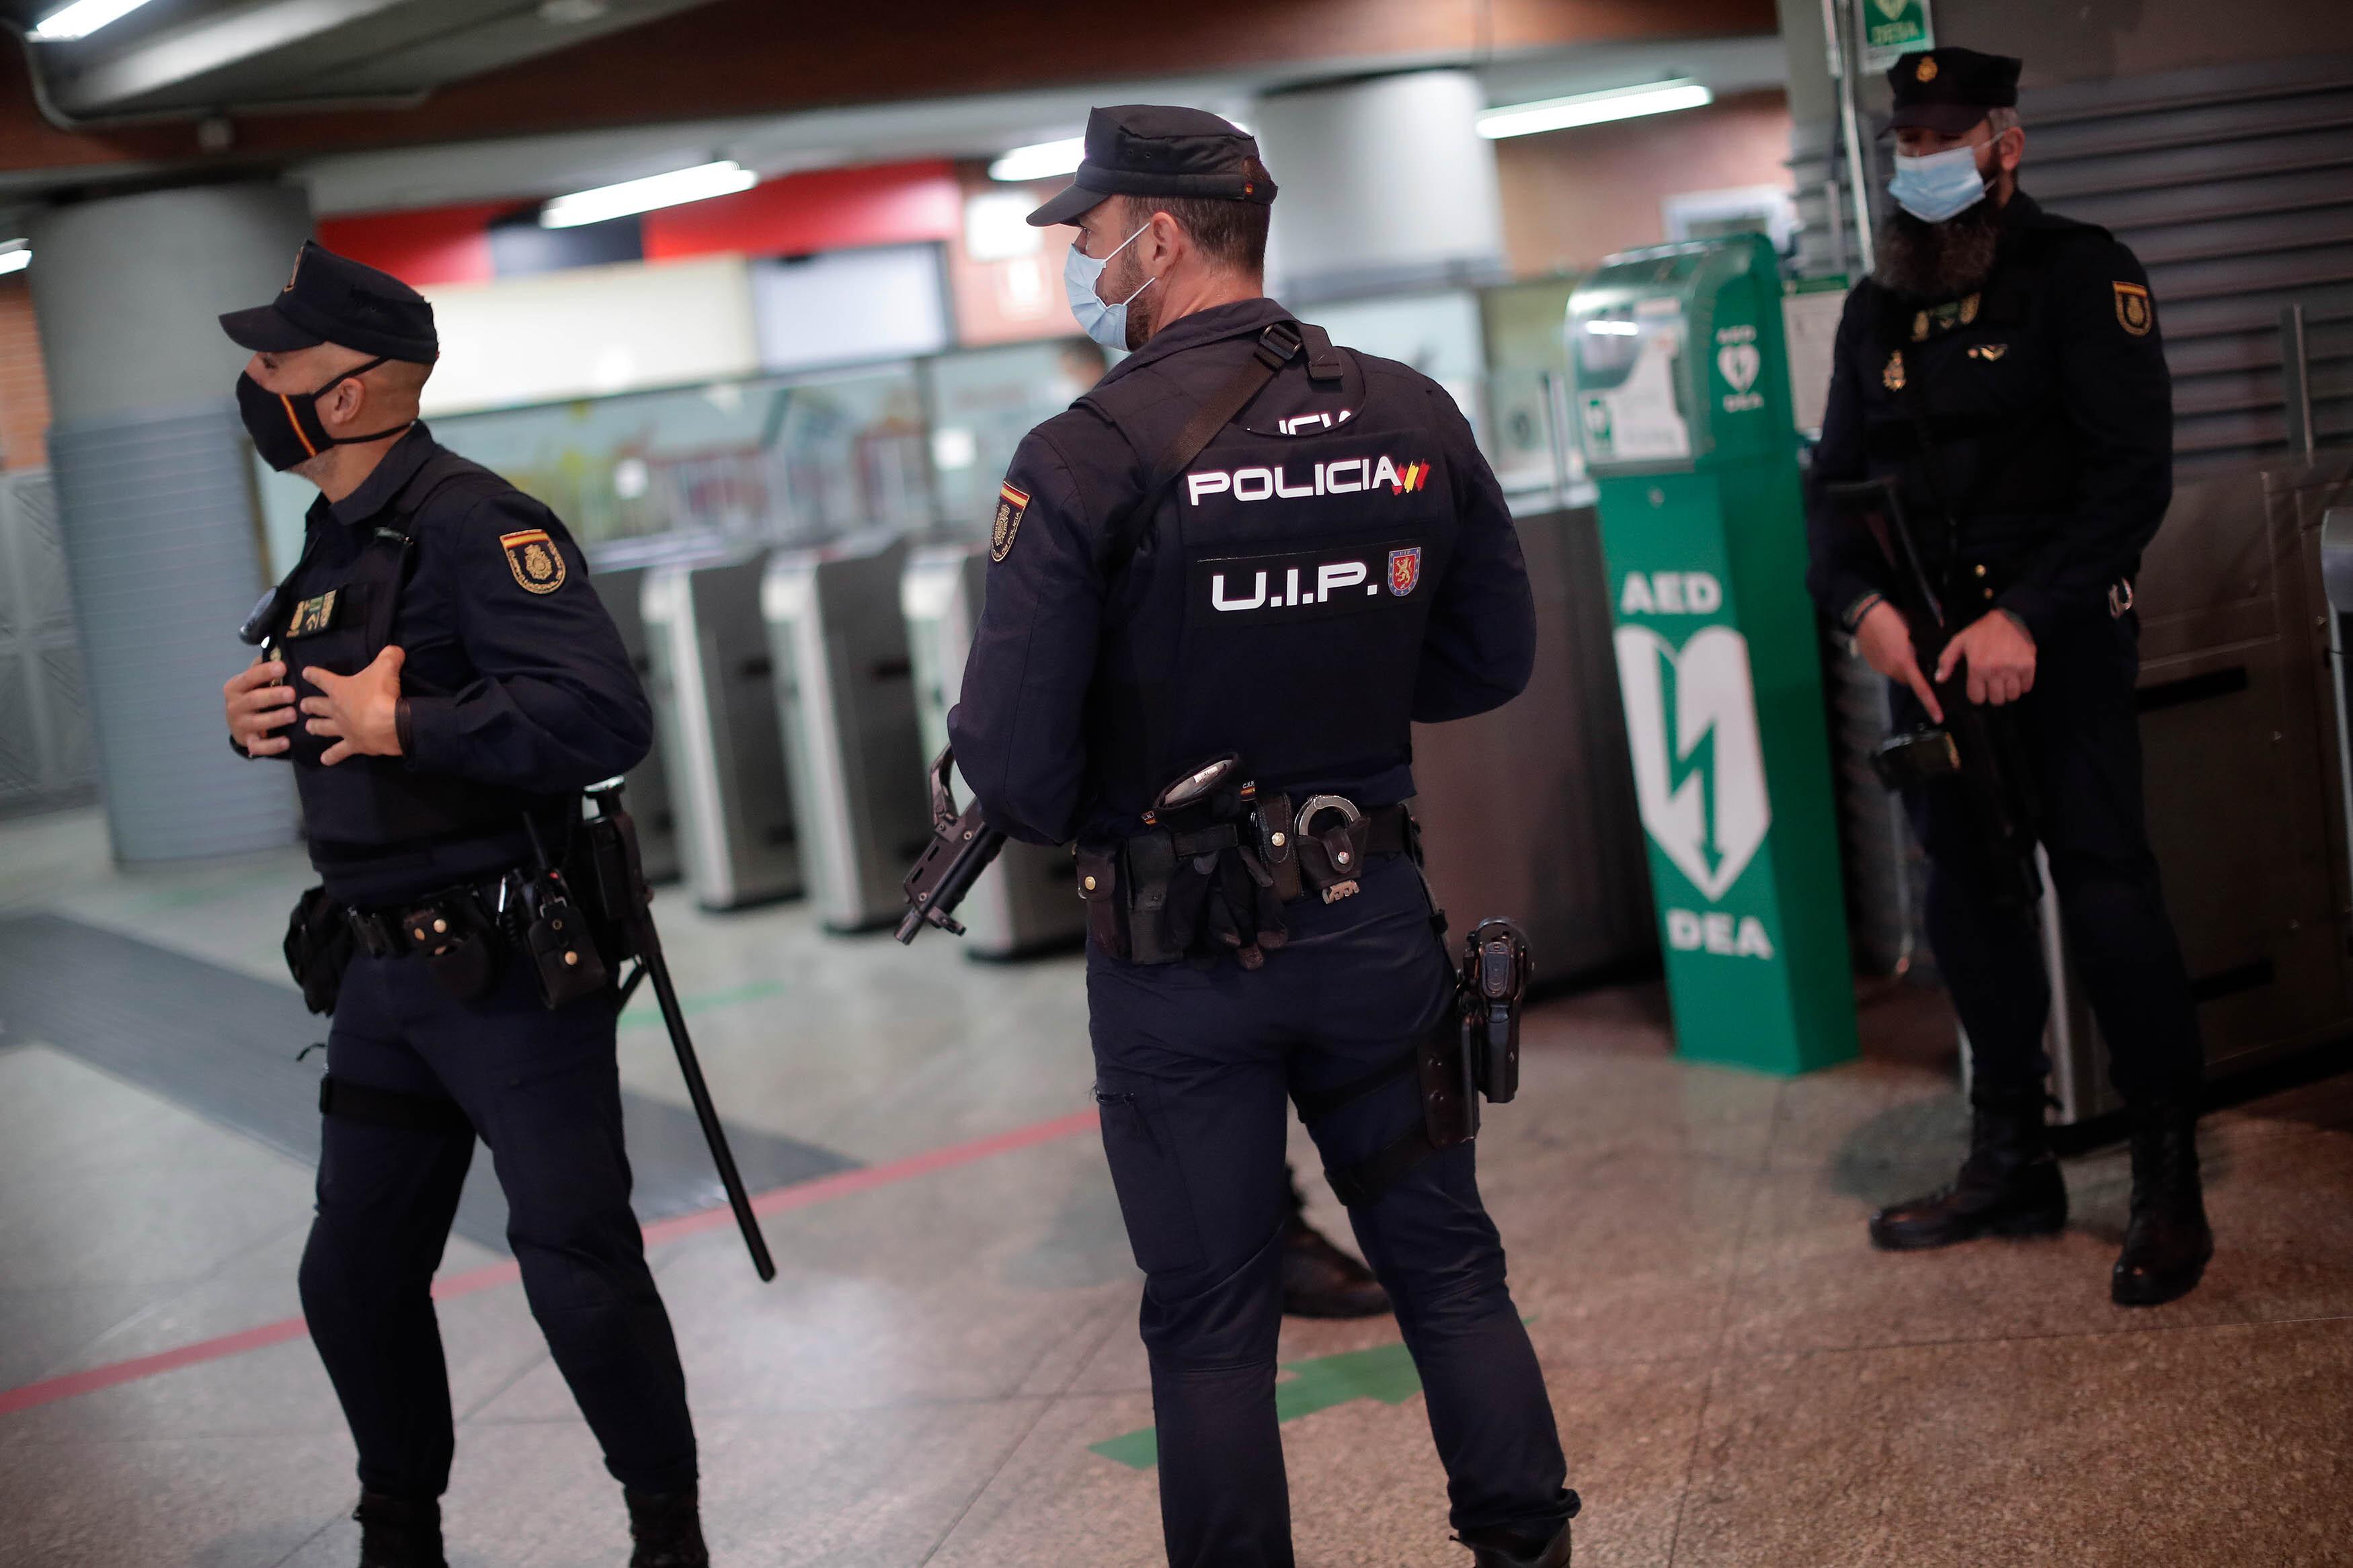 A spanyol kormány szükségállapotot rendelt el a madridi régió kilenc városában